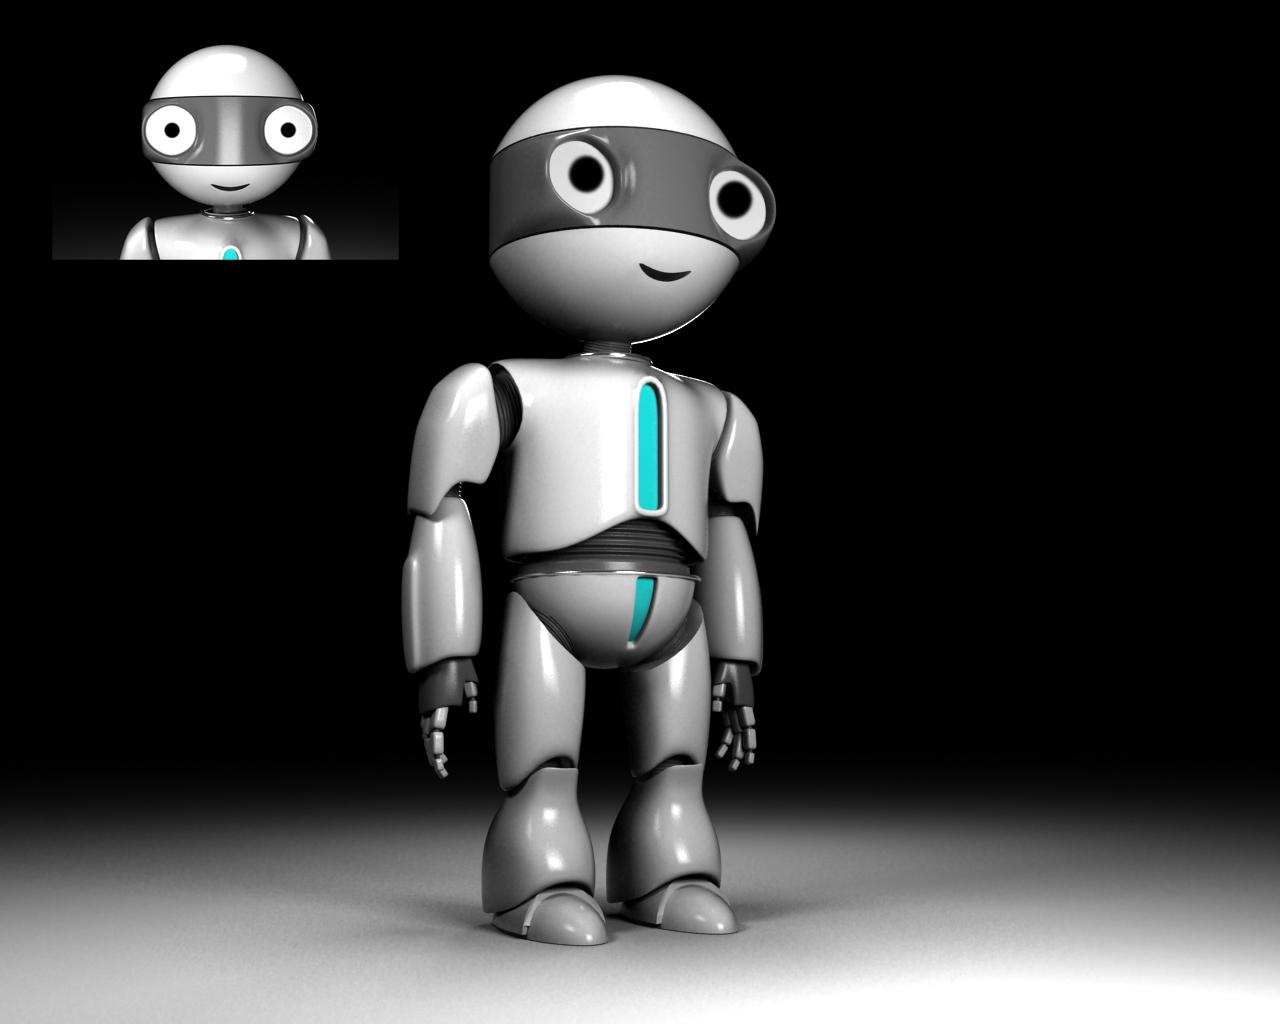 """Модель Робота - Ребёнка """"Роботёнок"""" фото f_4b6af6cadb455.jpg"""